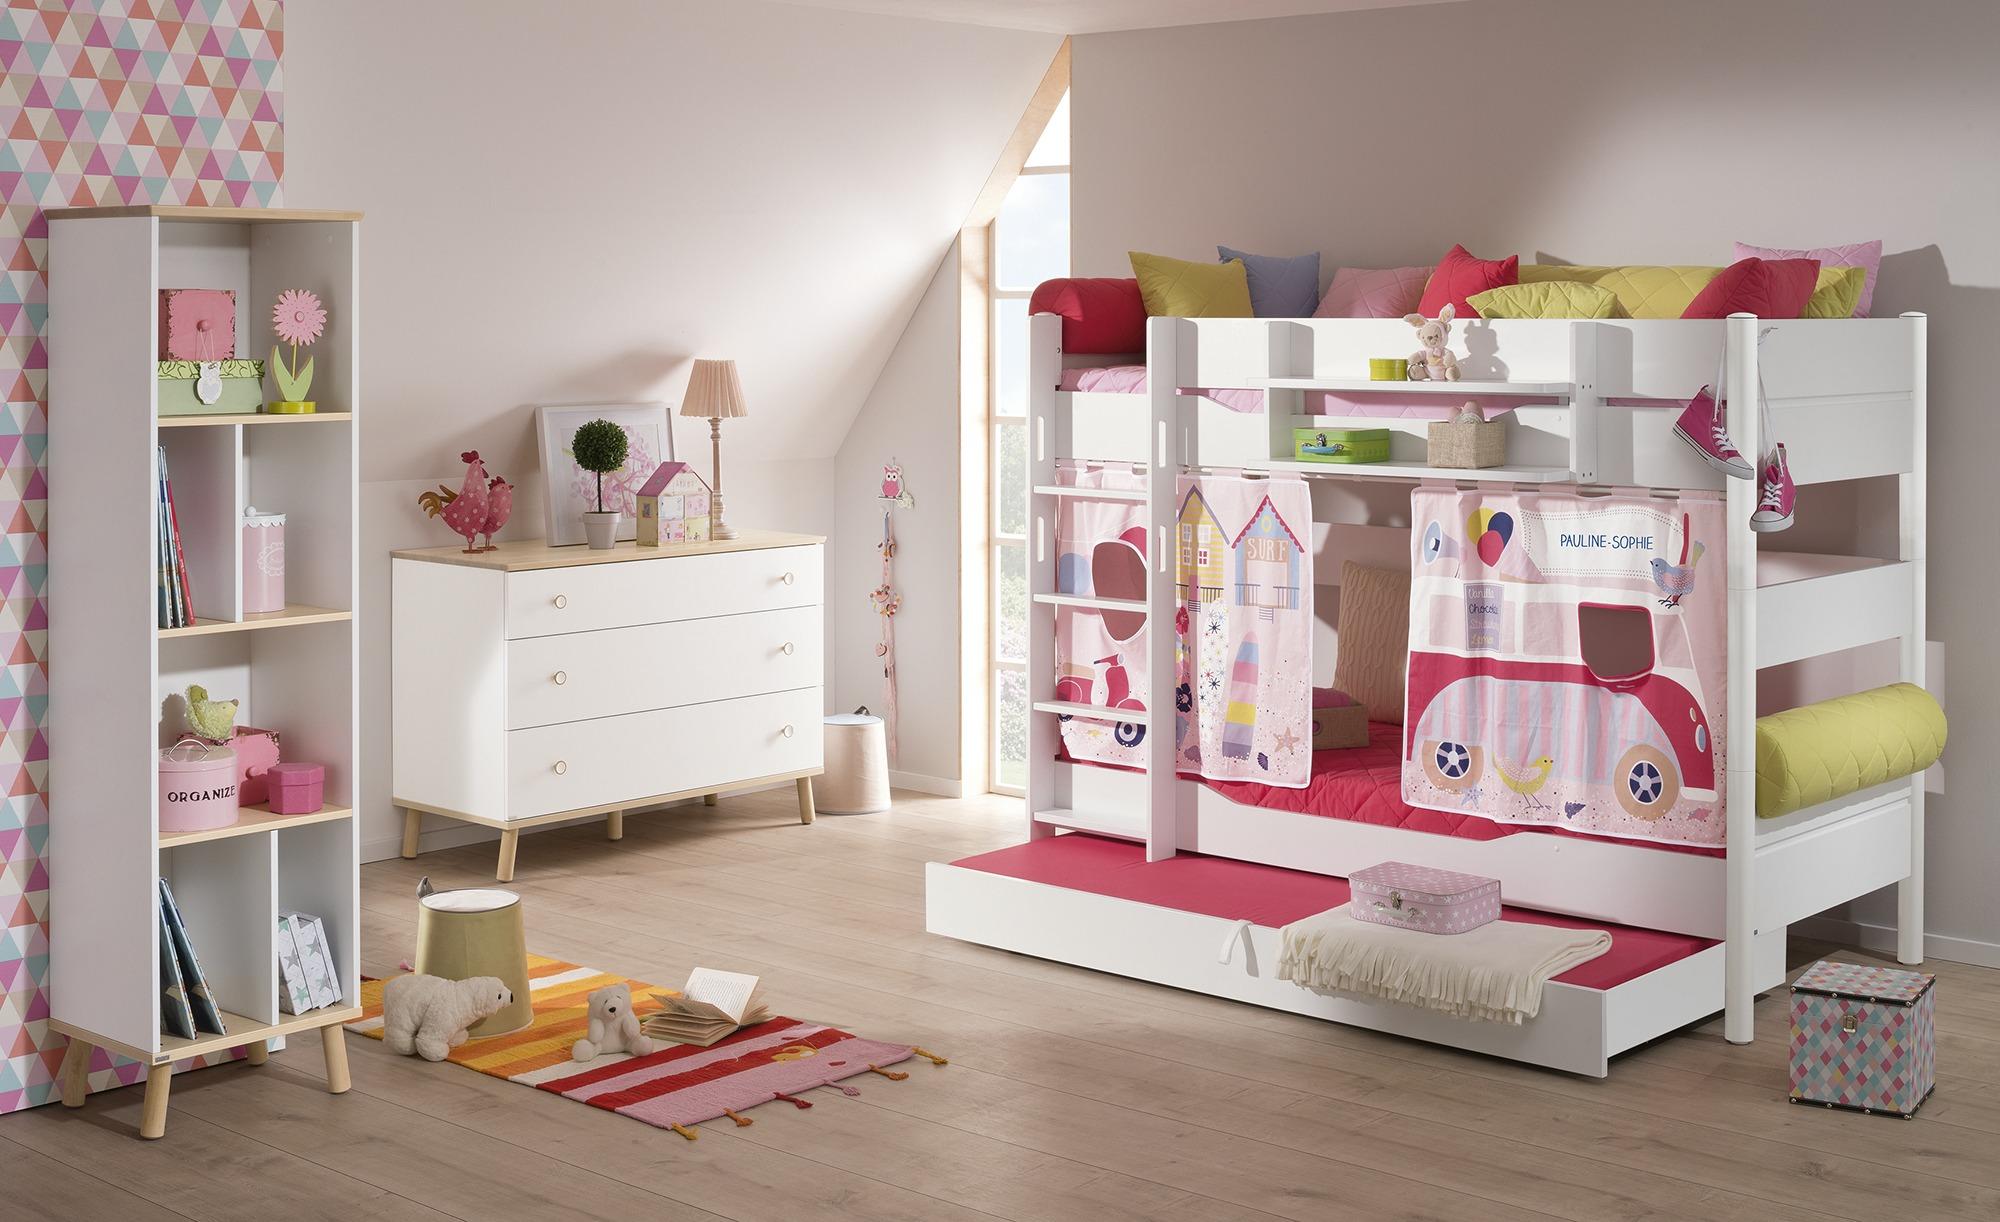 Mädchenzimmer aus dem Kinderzimmerprogramm 'Ylvie' zusammengestellt